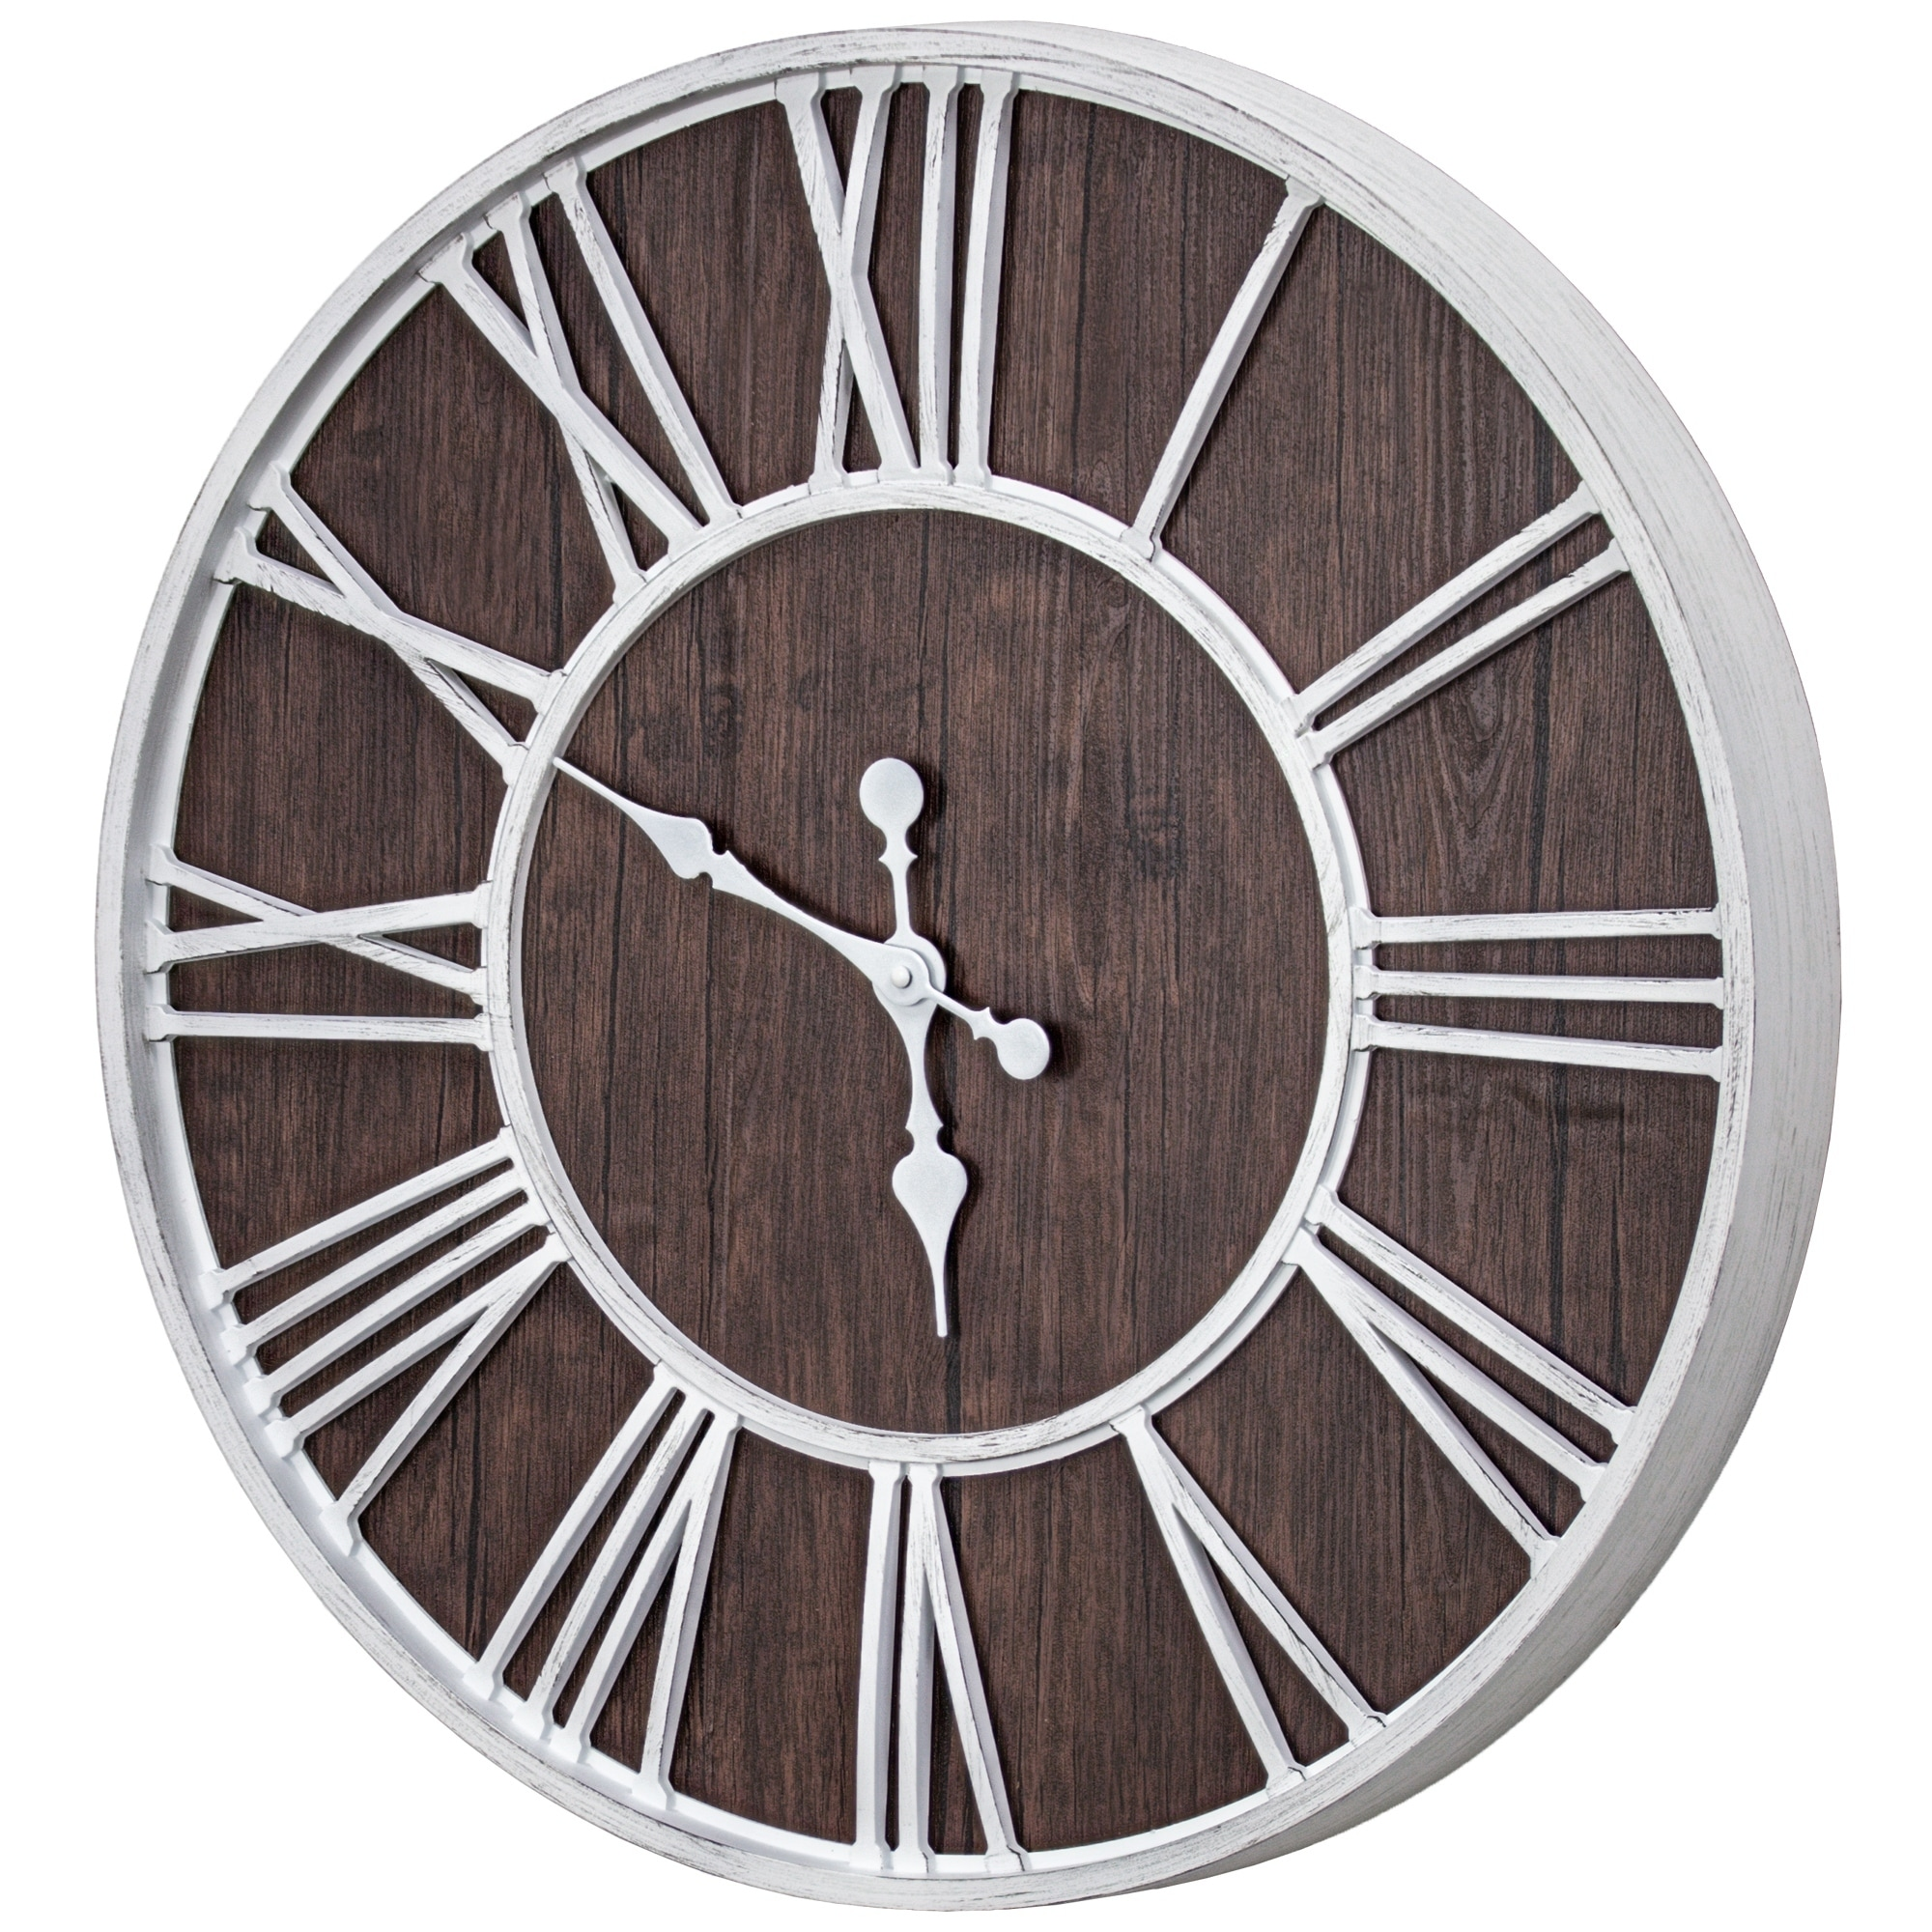 Shop Mdf Plastic Oversized Wall Clock White Dark Brown Veneer 24 Overstock 29869437